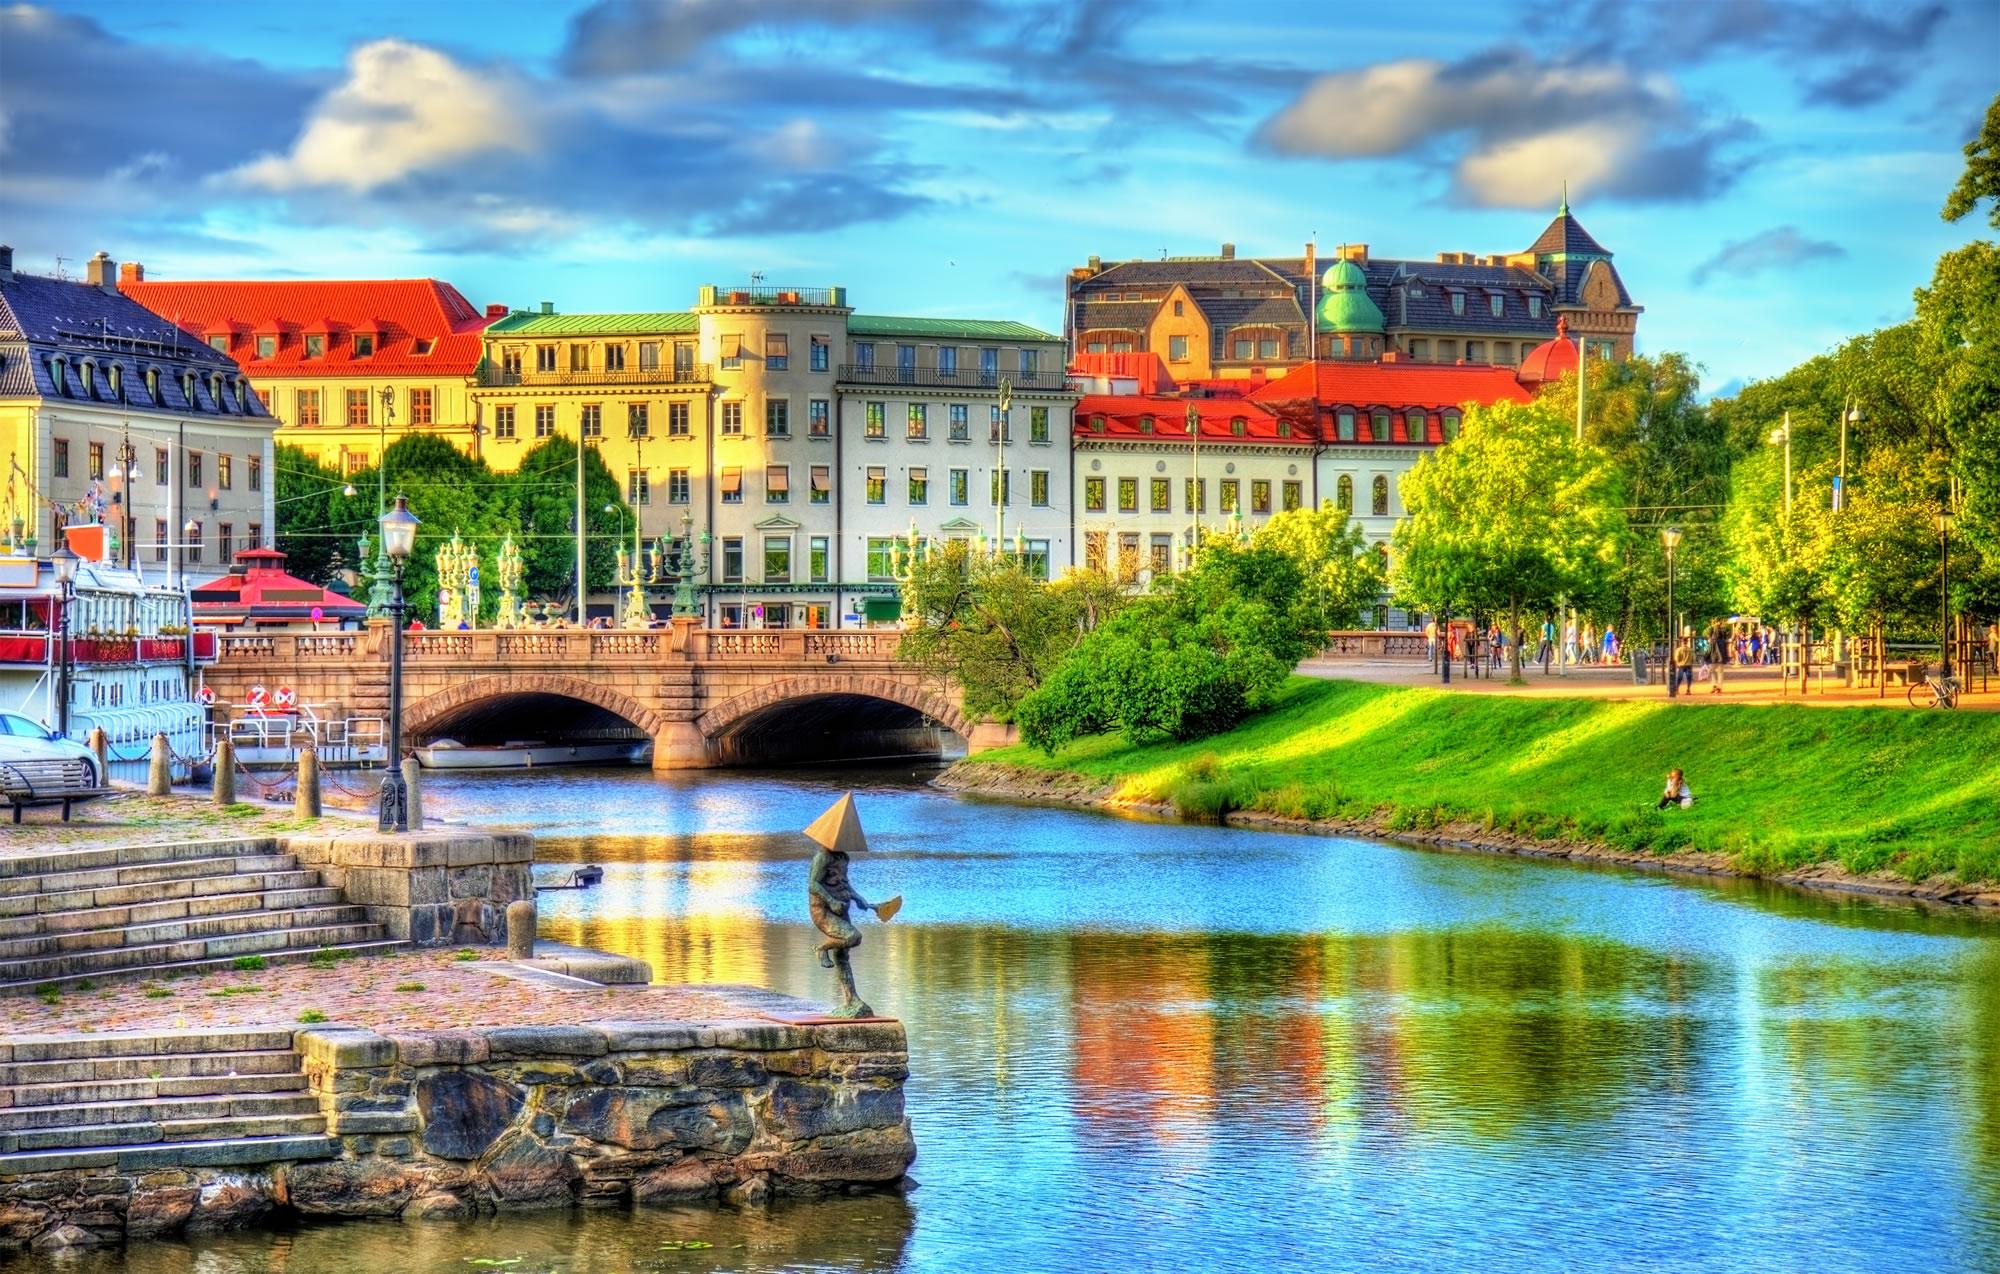 Centre of Gothenburg, Sweden